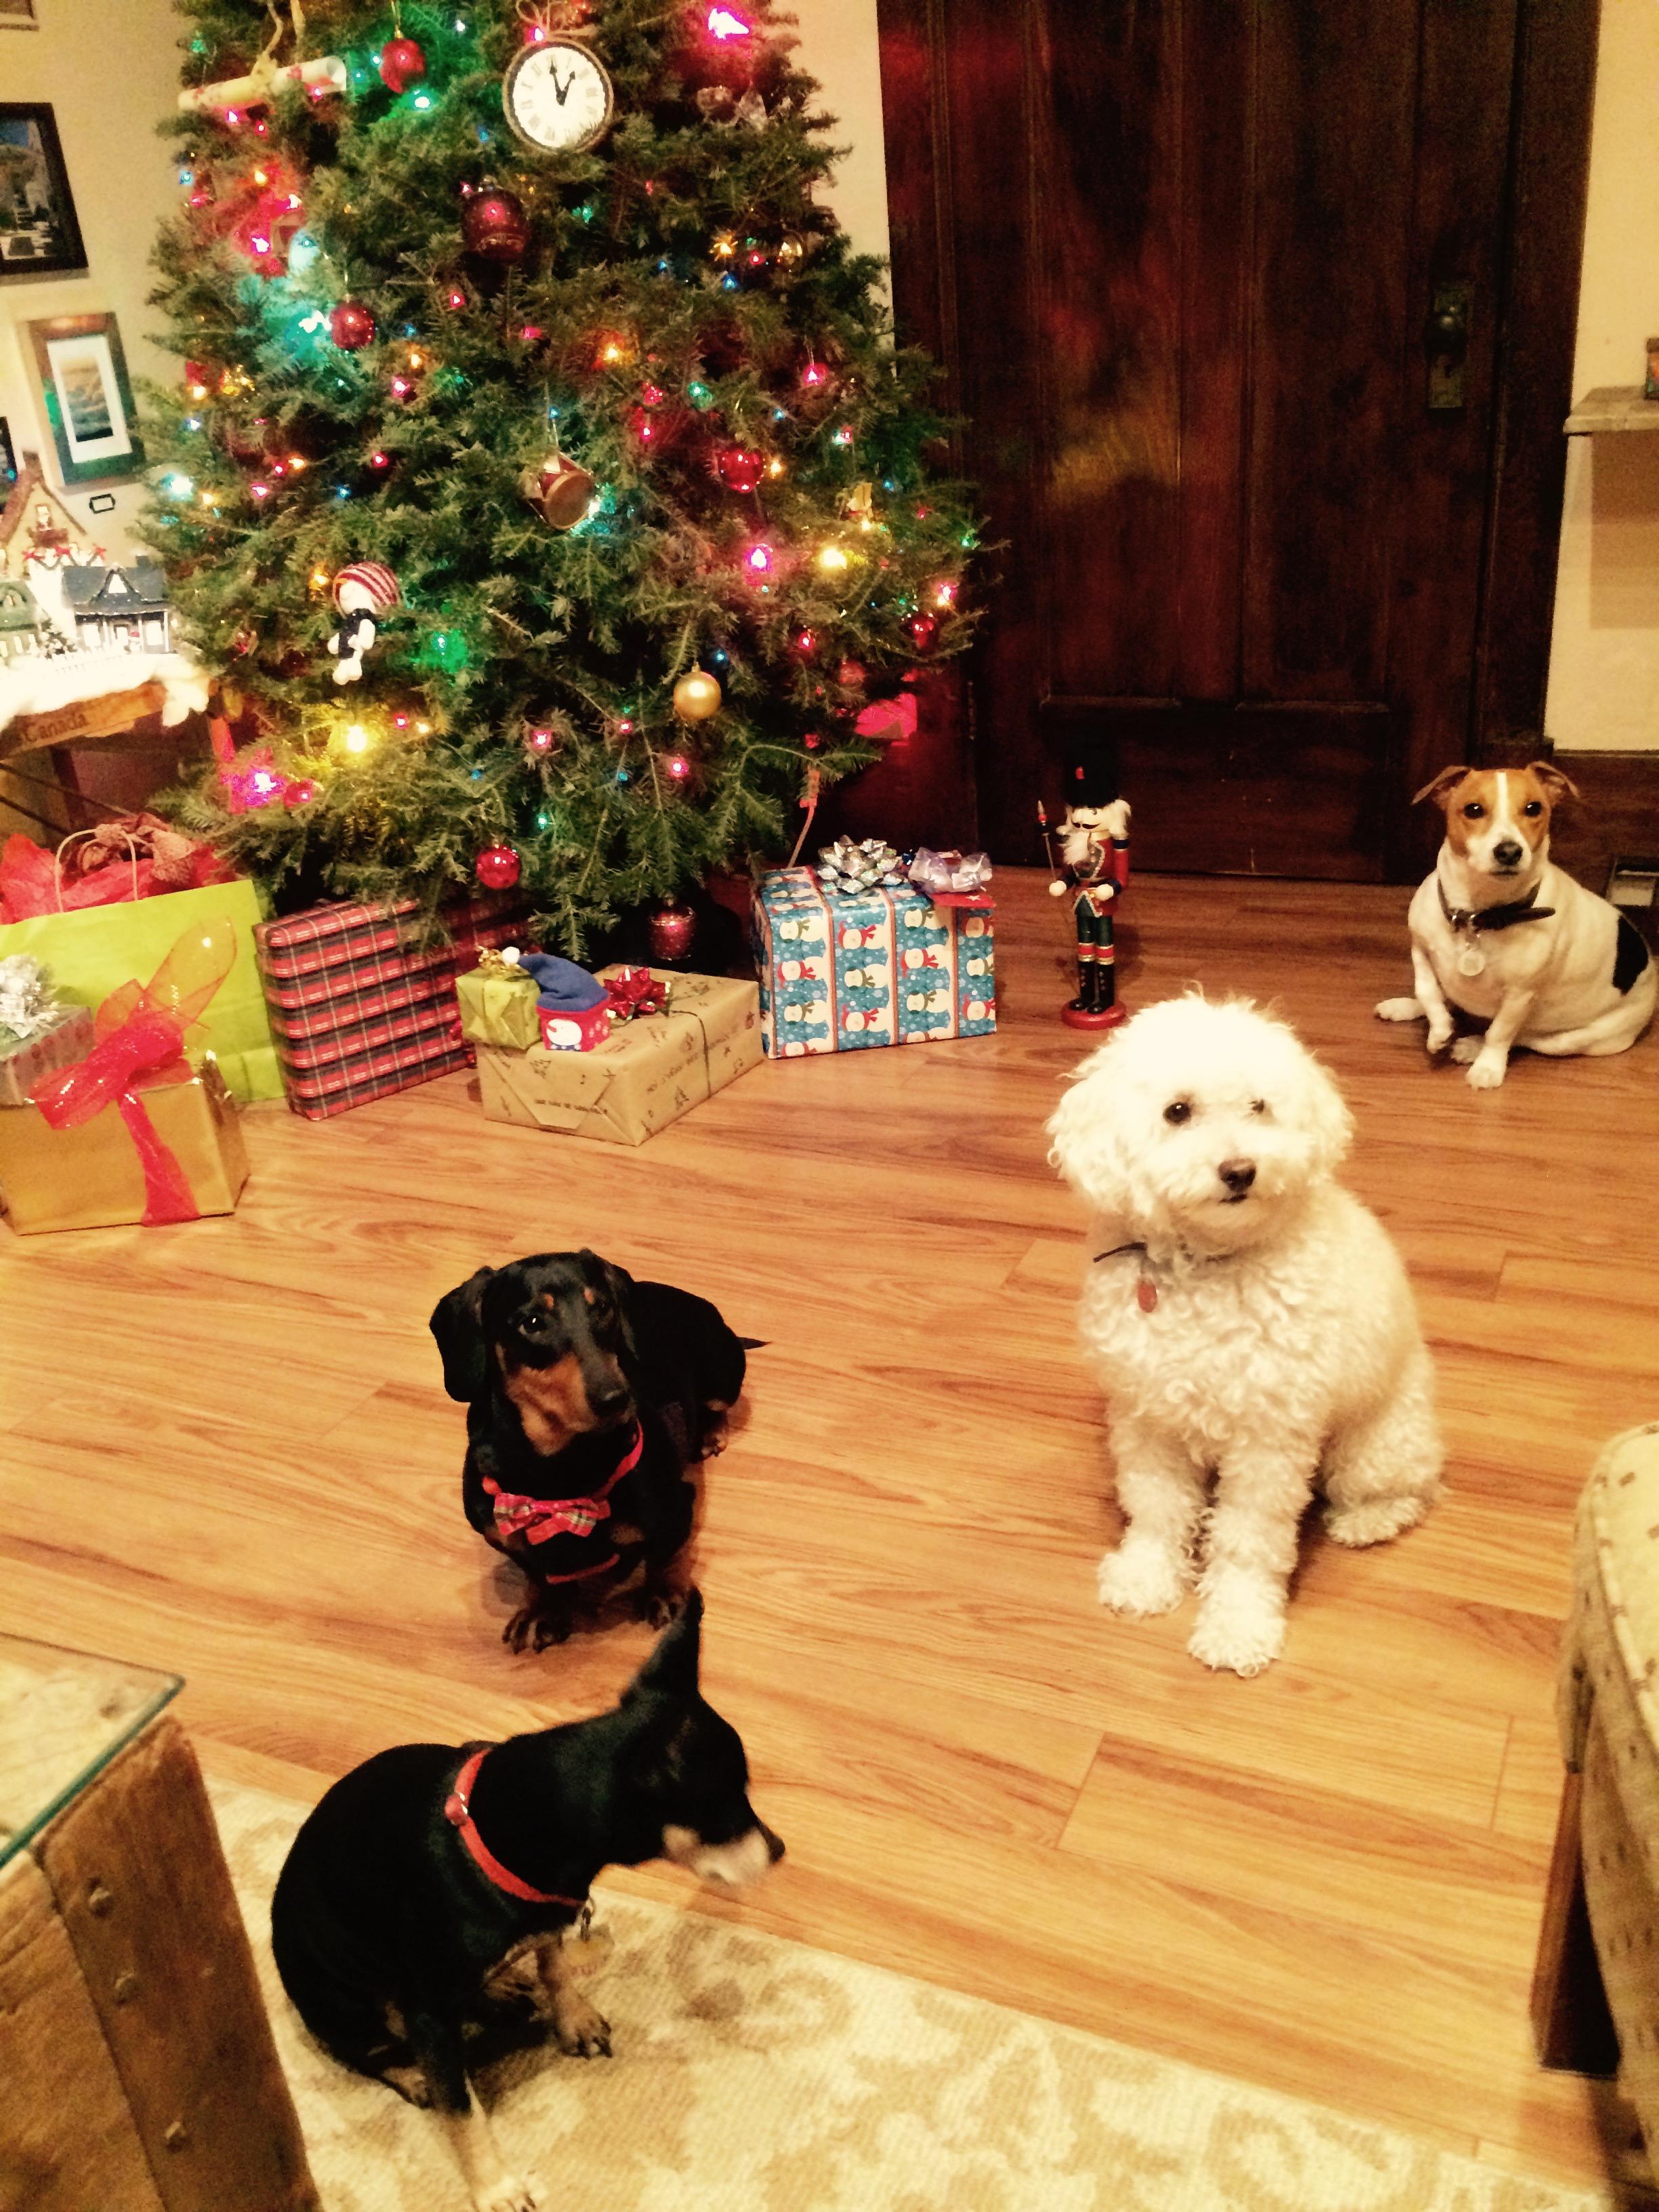 Vacances de no l 2016 2017 garderie pour petits chiens - Rentree vacances noel 2016 ...